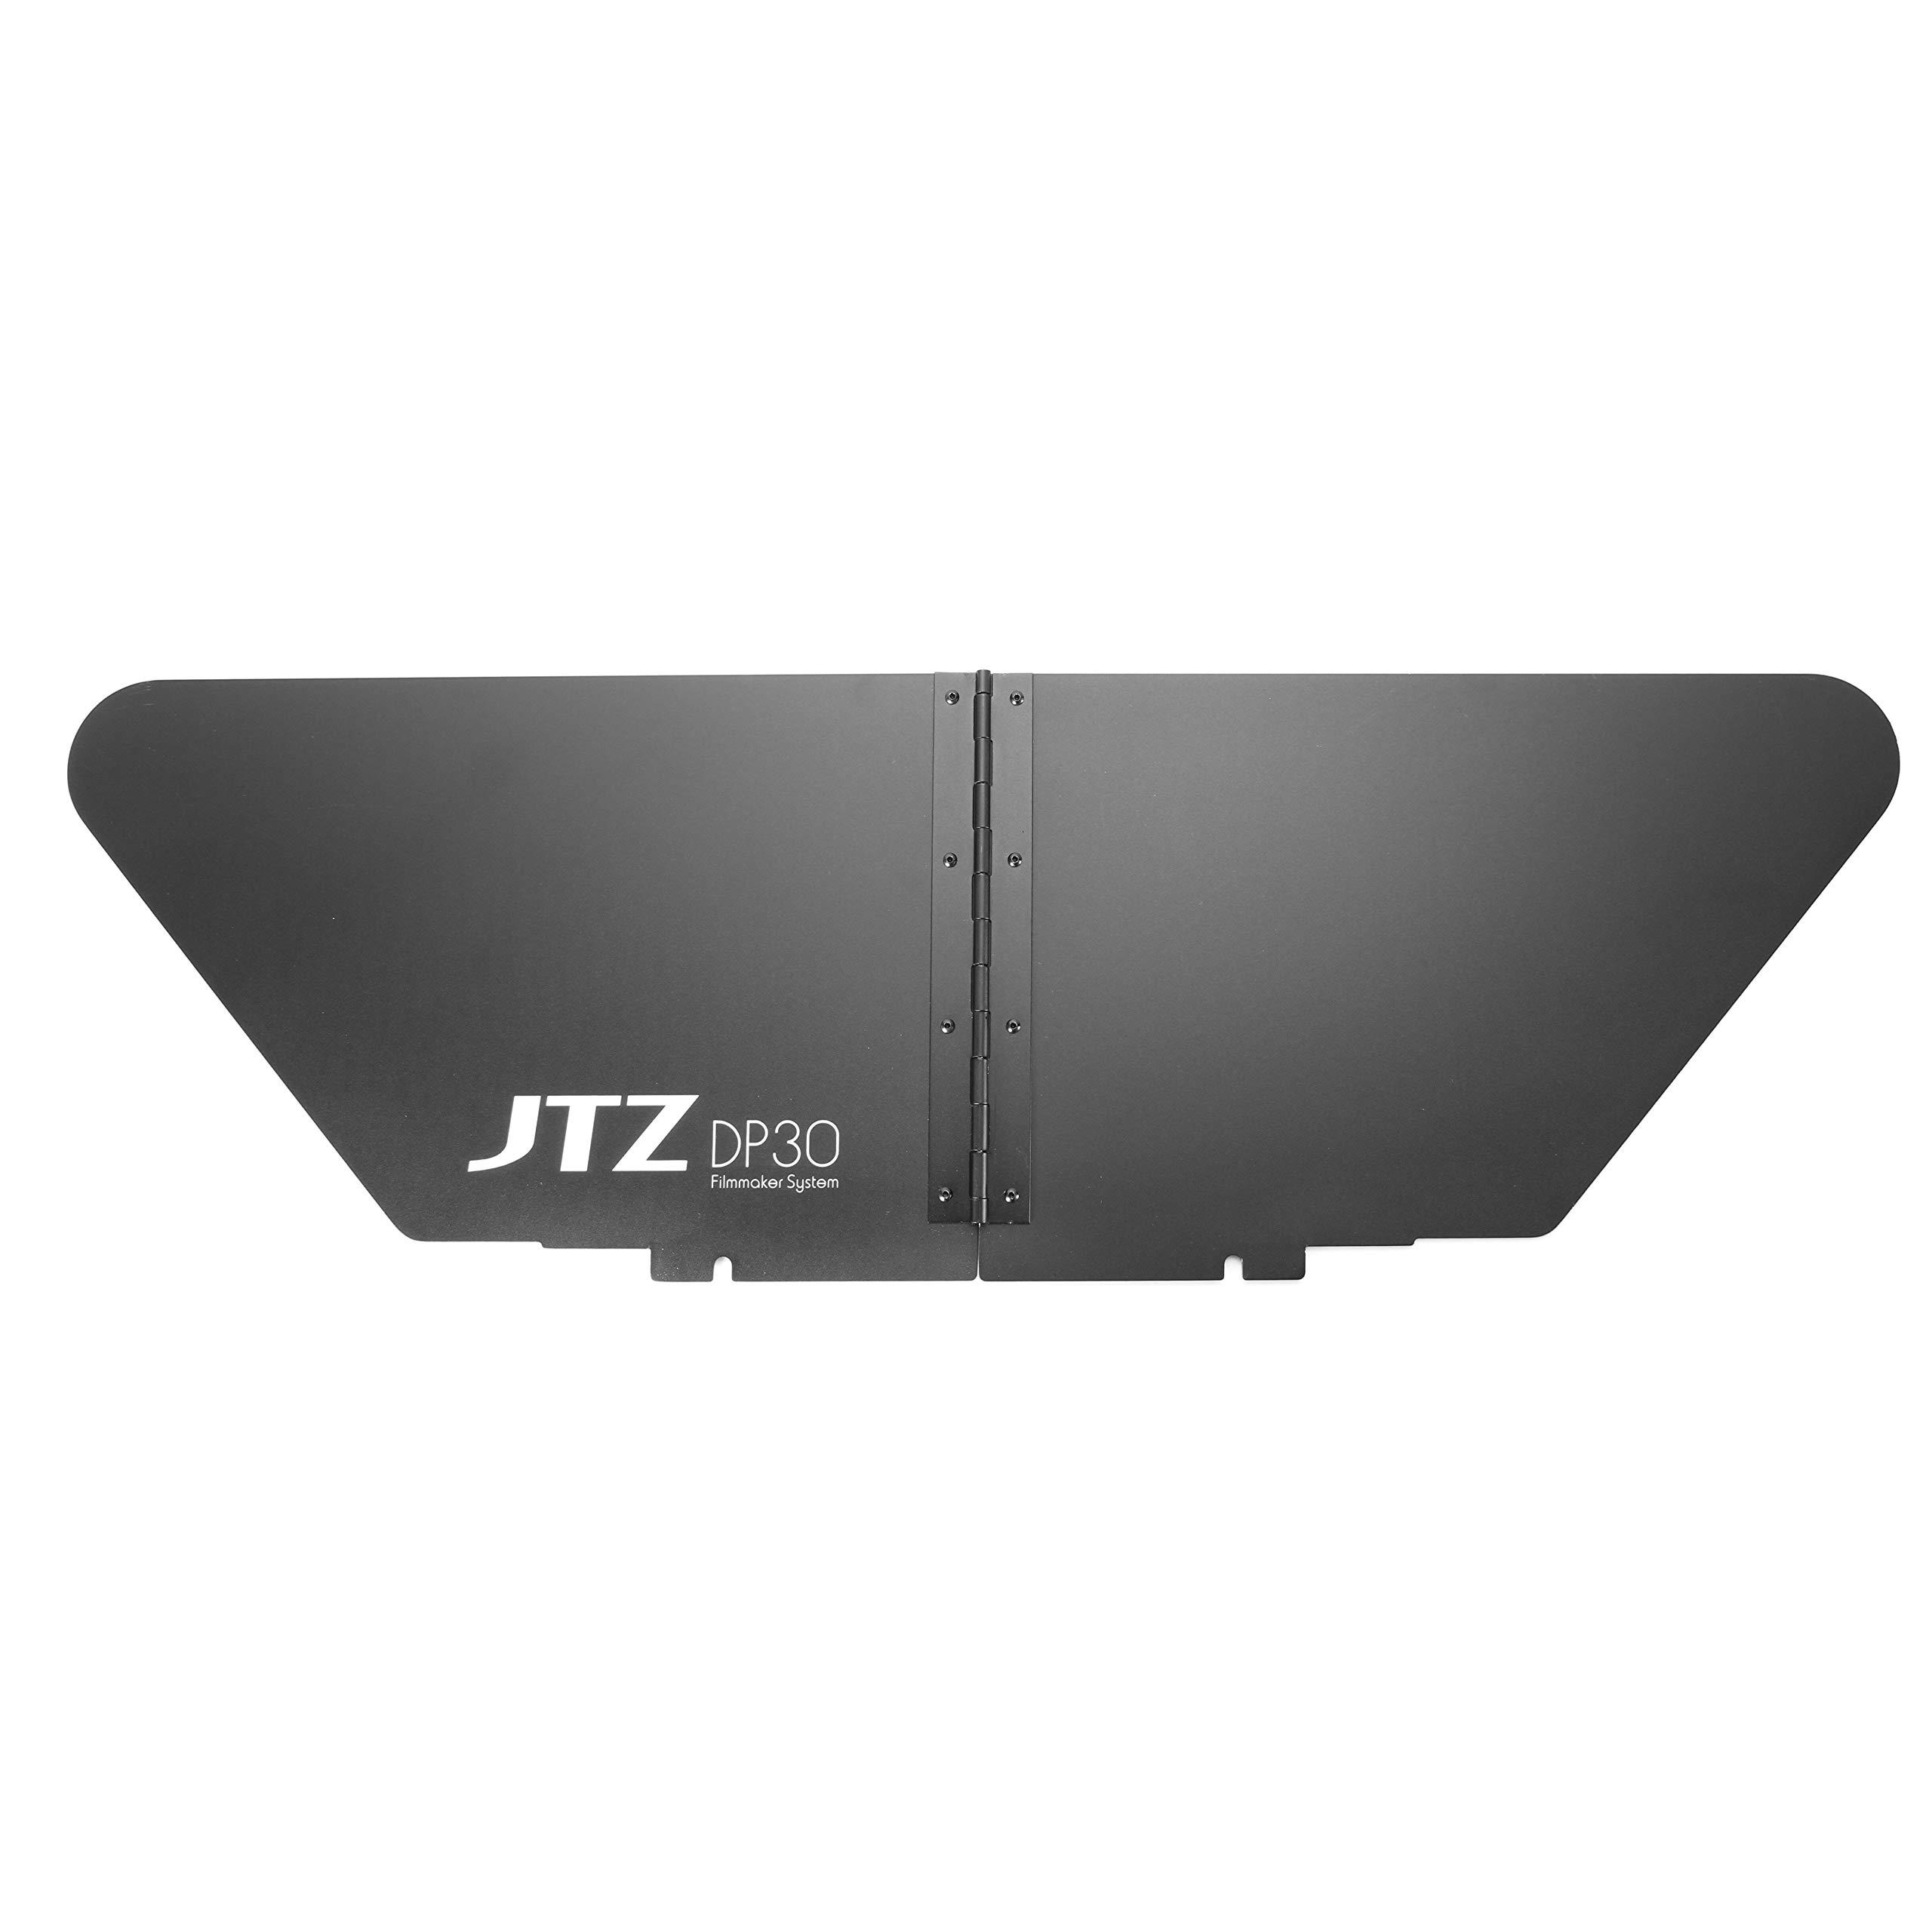 JTZ Top Flag for DP30 4x4 4x5.65 5.65x5.65 6x6 Matte Box